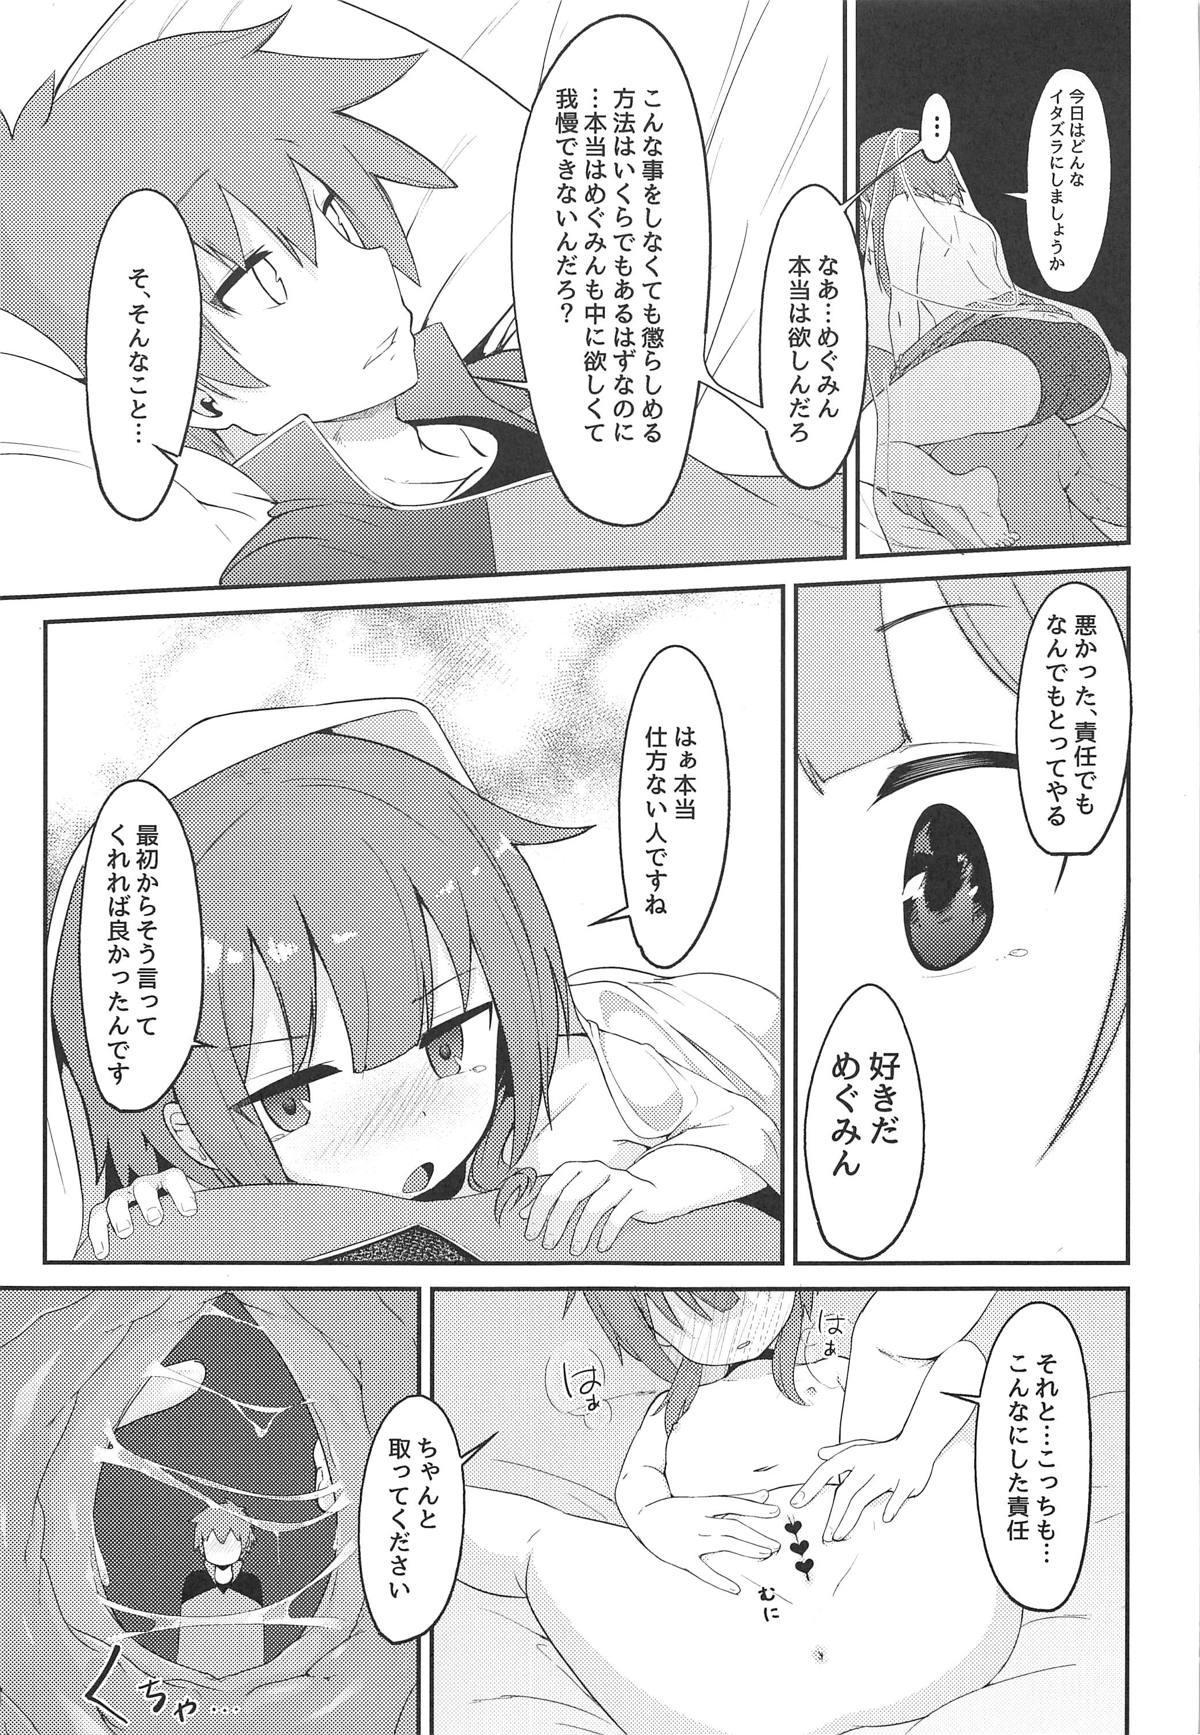 Lolikko Megumin o Kouryaku Seyo! 23